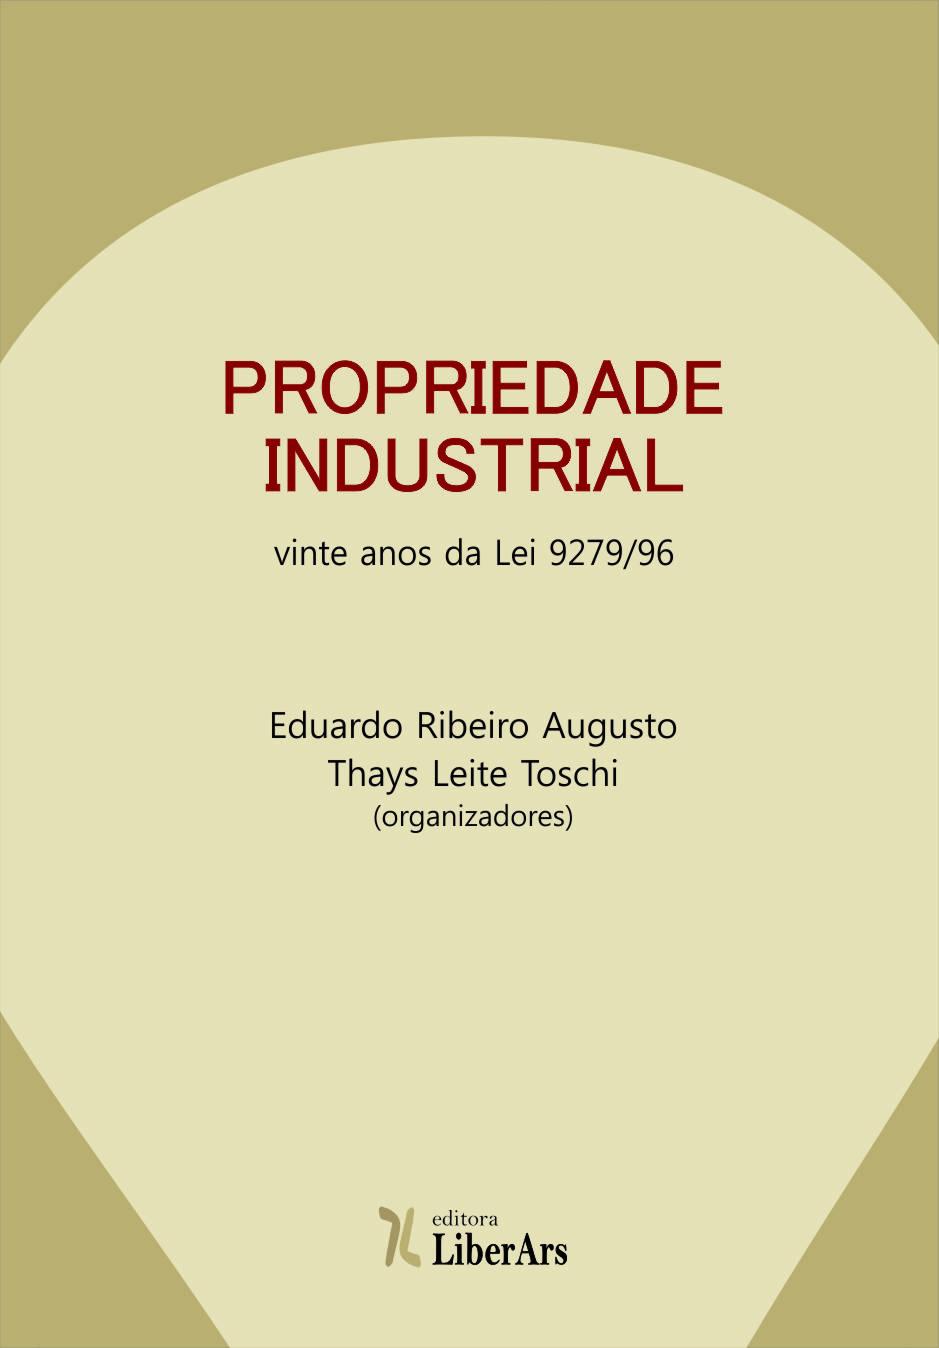 Propriedade industrial: vinte anos da Lei 9279/96, livro de Eduardo Ribeiro Augusto e Thays Leite Toschi